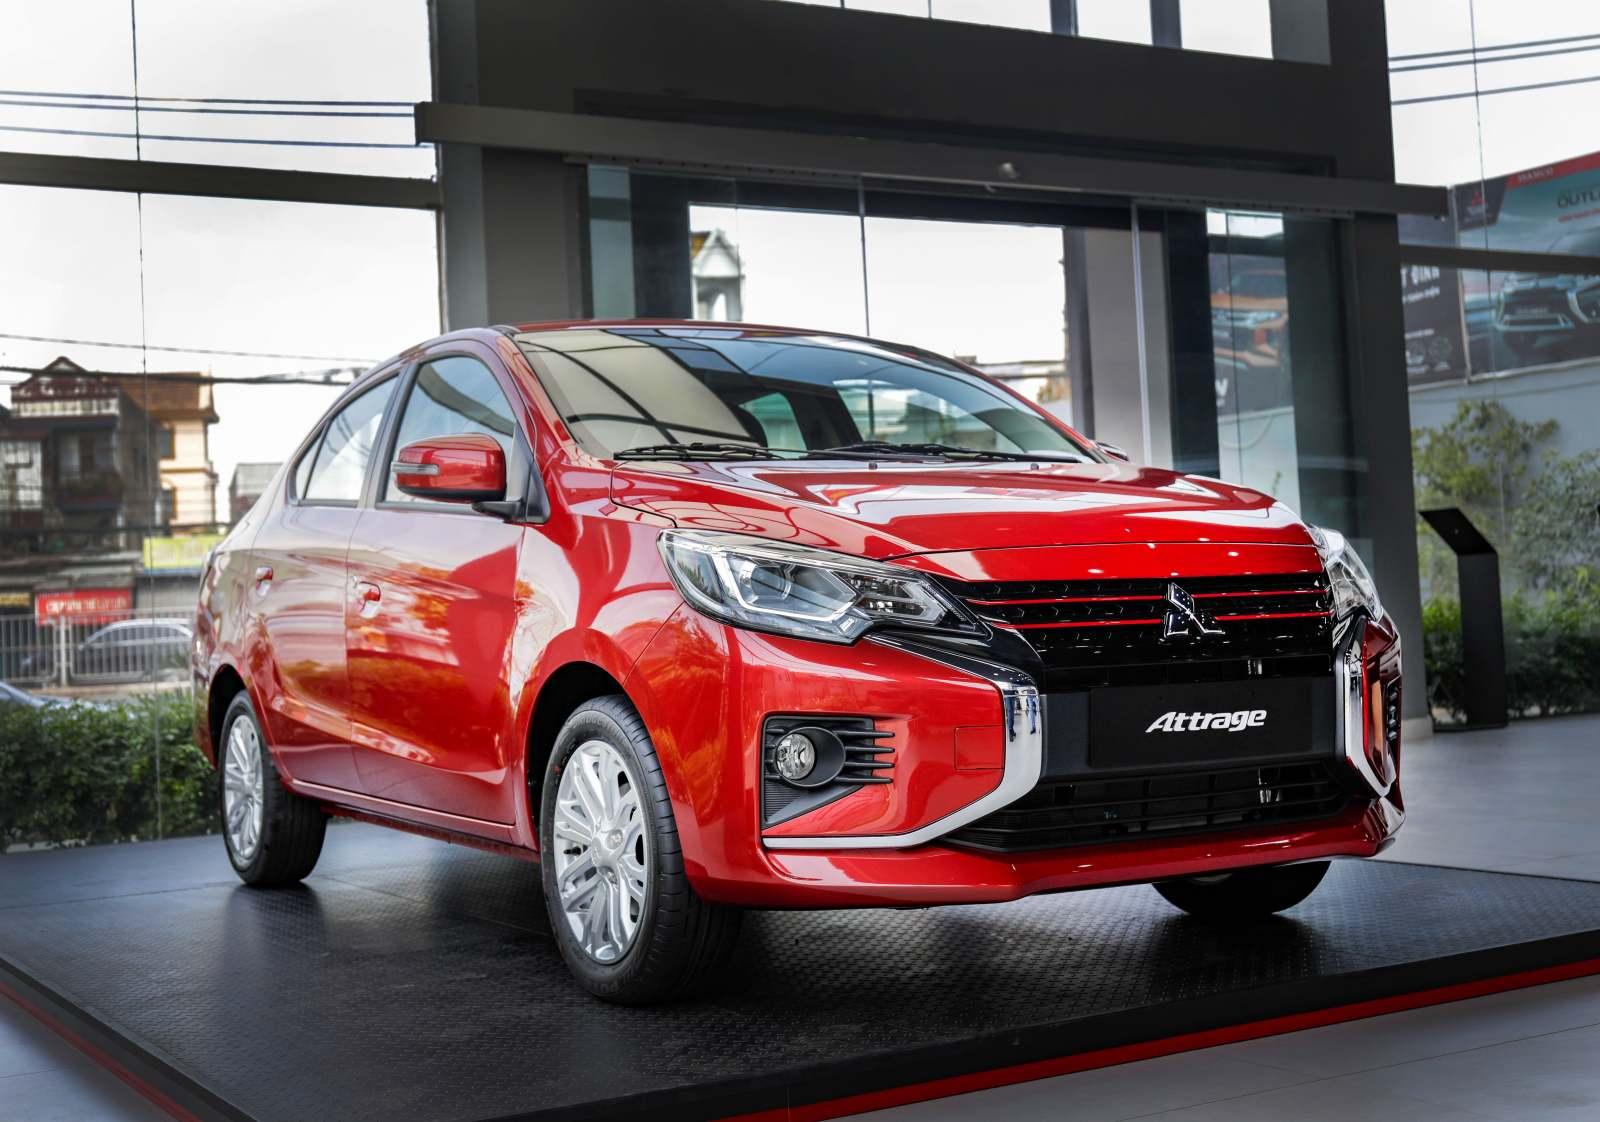 Mitsubishi Attrage 2020 ra mắt tại VN, giá từ 375 triệu